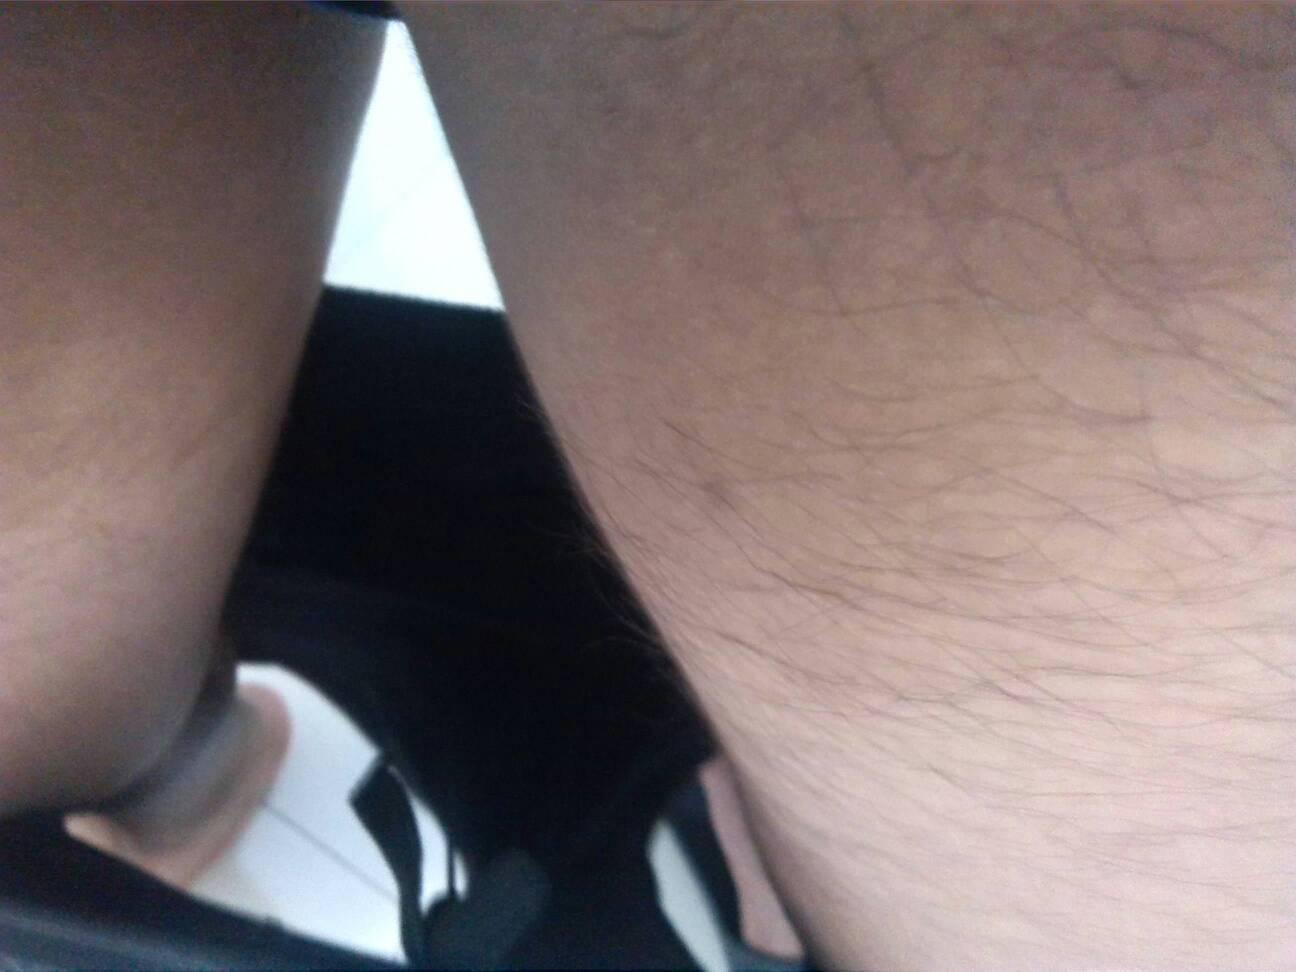 两腿之间靠近生殖器的地方怎么是这种颜色?